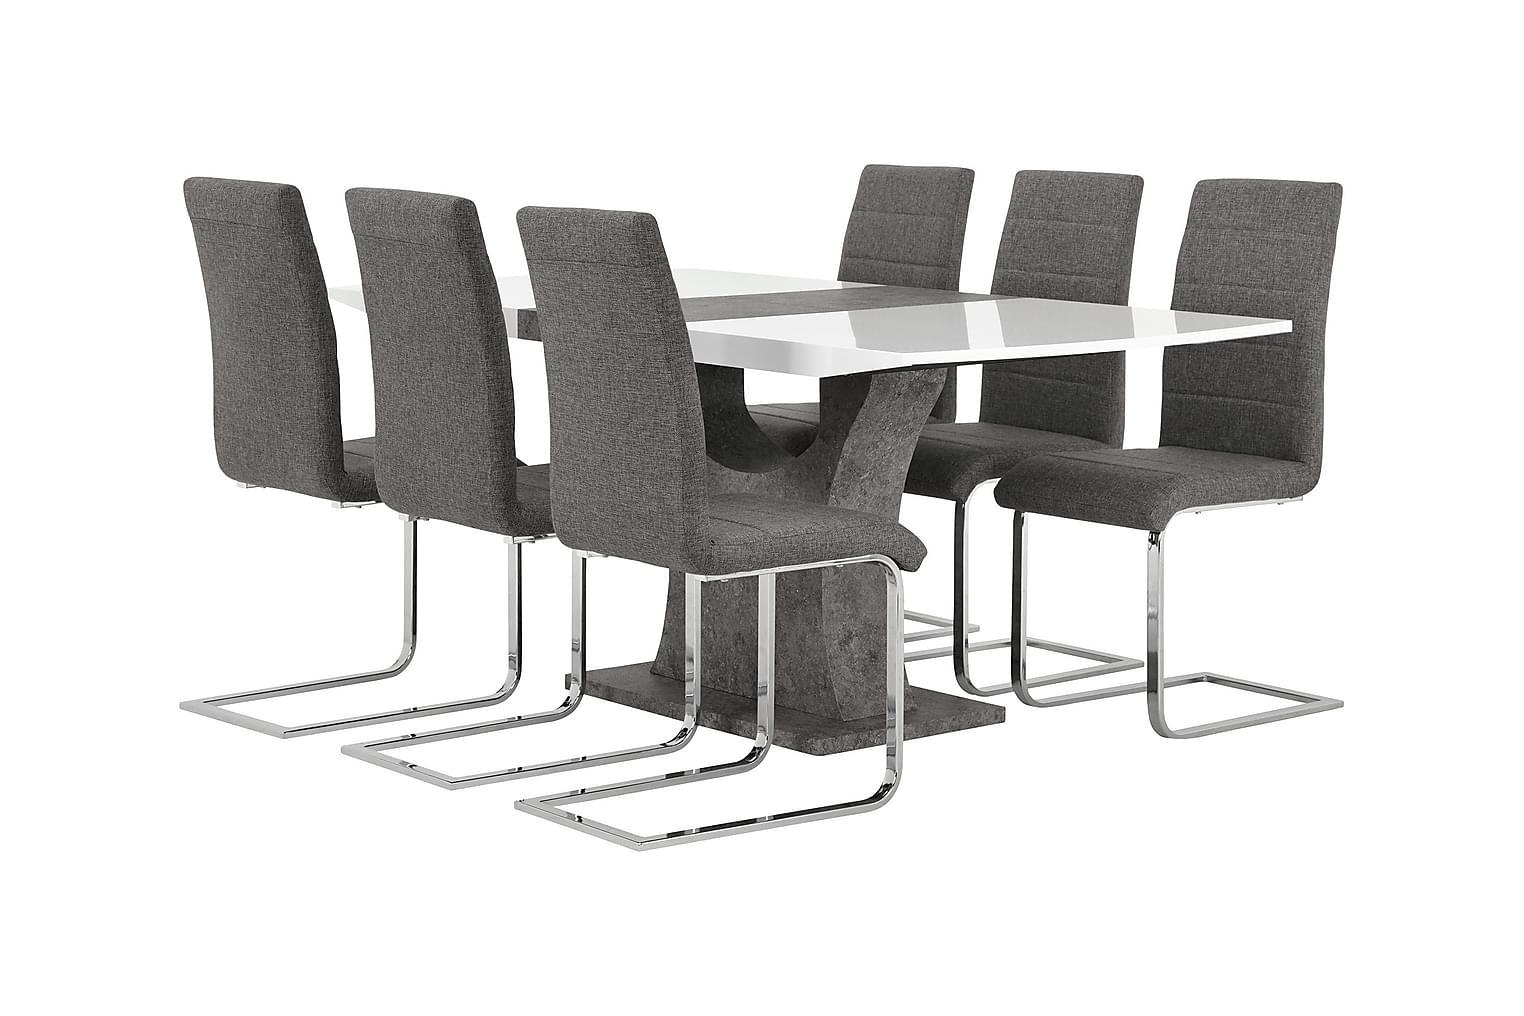 ELLA Pöytä 140 Valkoinen/Betoni + 6 EMÅN Tuoli Harmaa